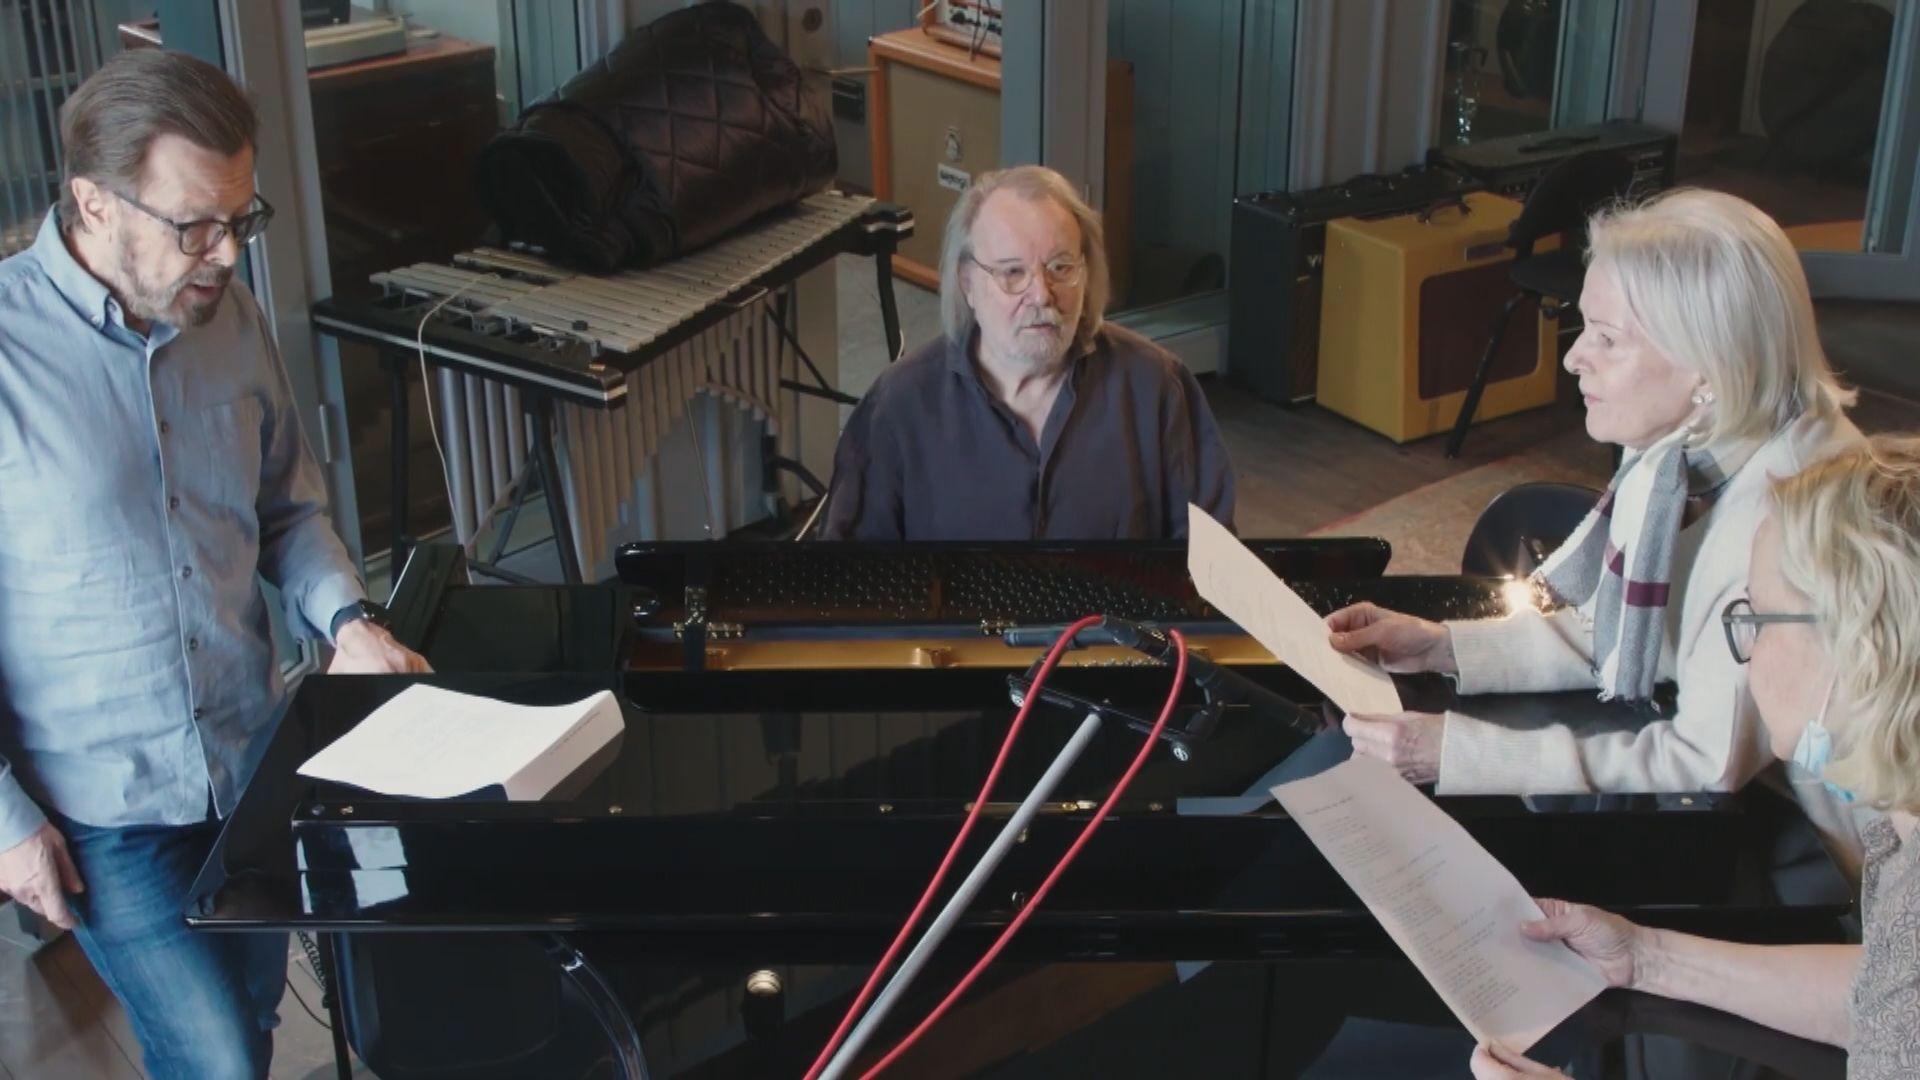 【環球薈報】殿堂級組合ABBA相隔40年再推出新碟